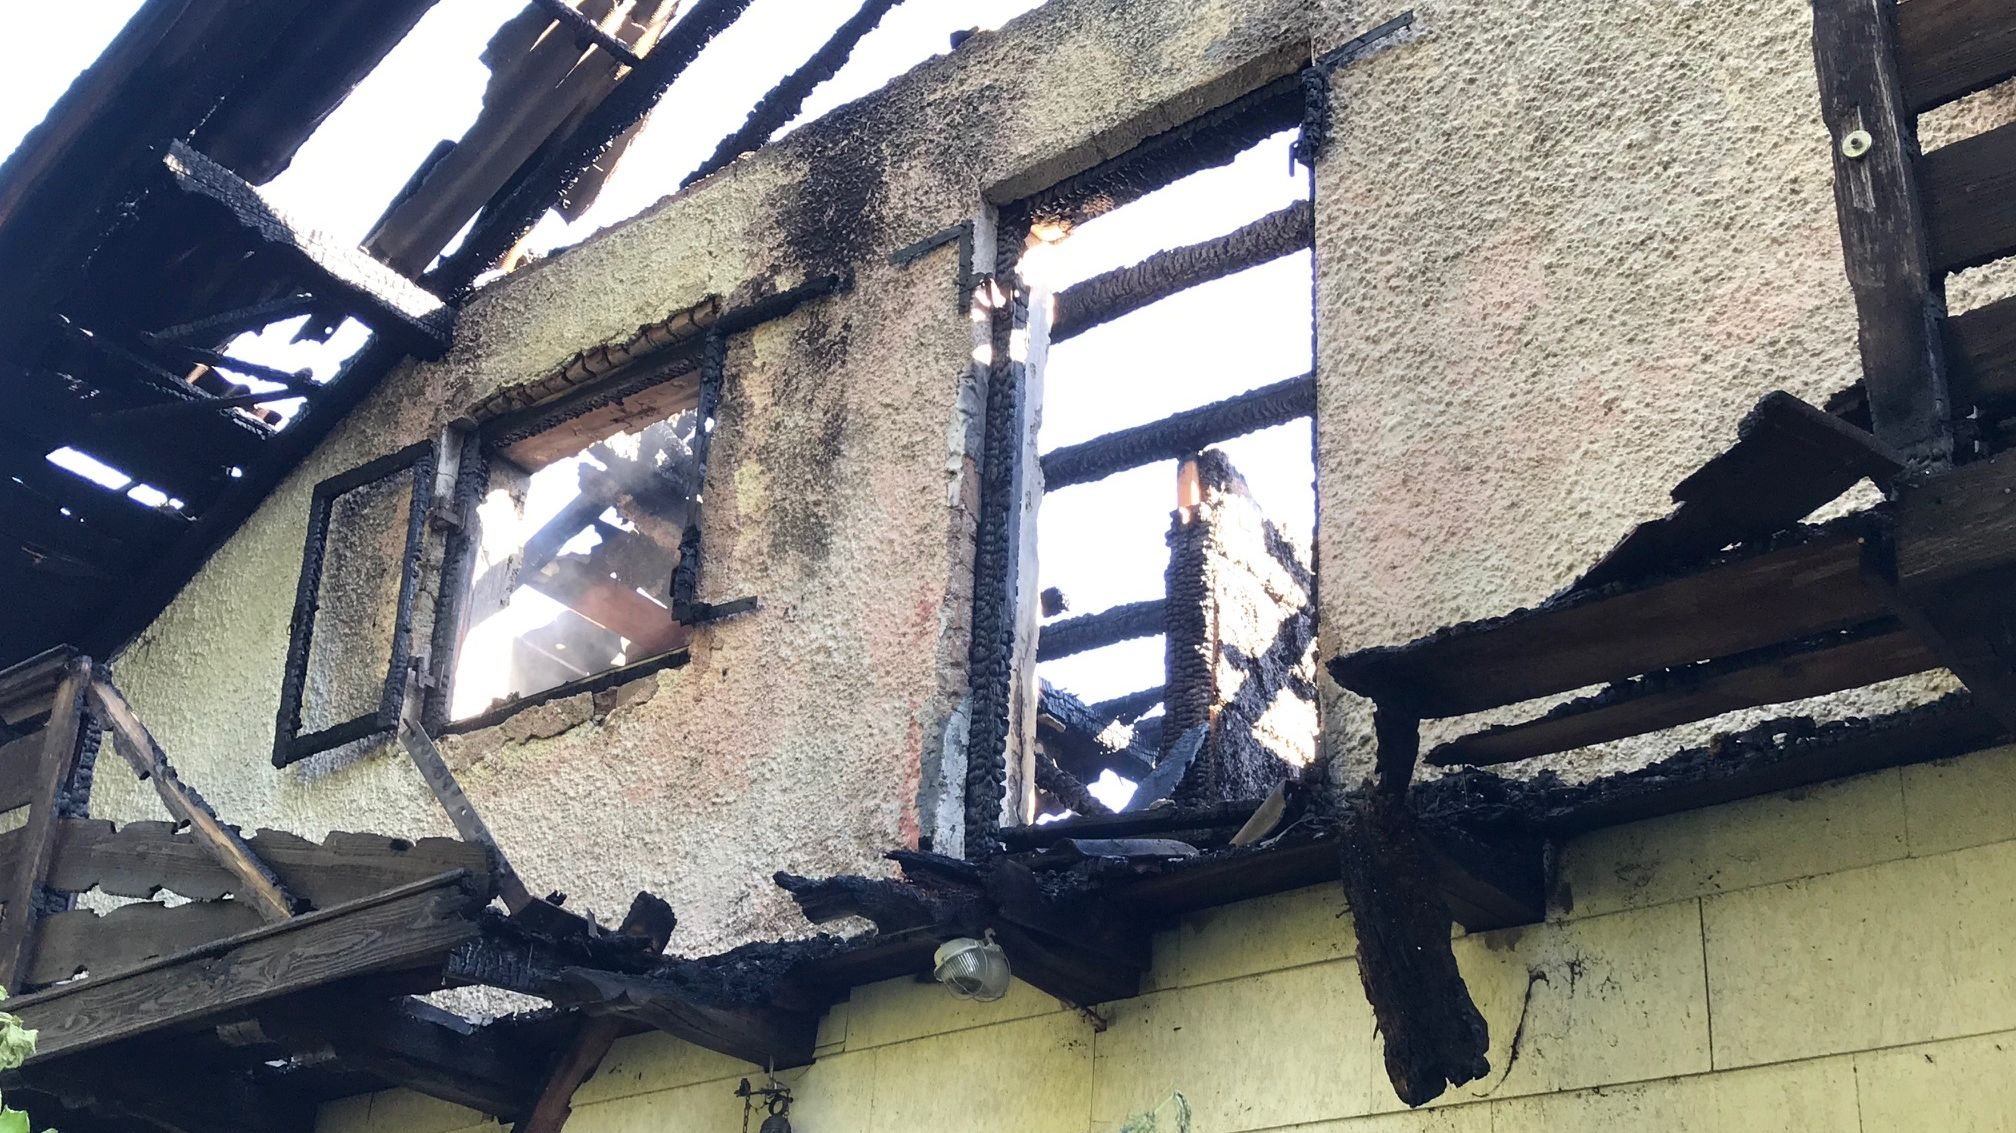 Der völlig zerstörte Dachstuhl des abgebrannten Hauses in Buchbach